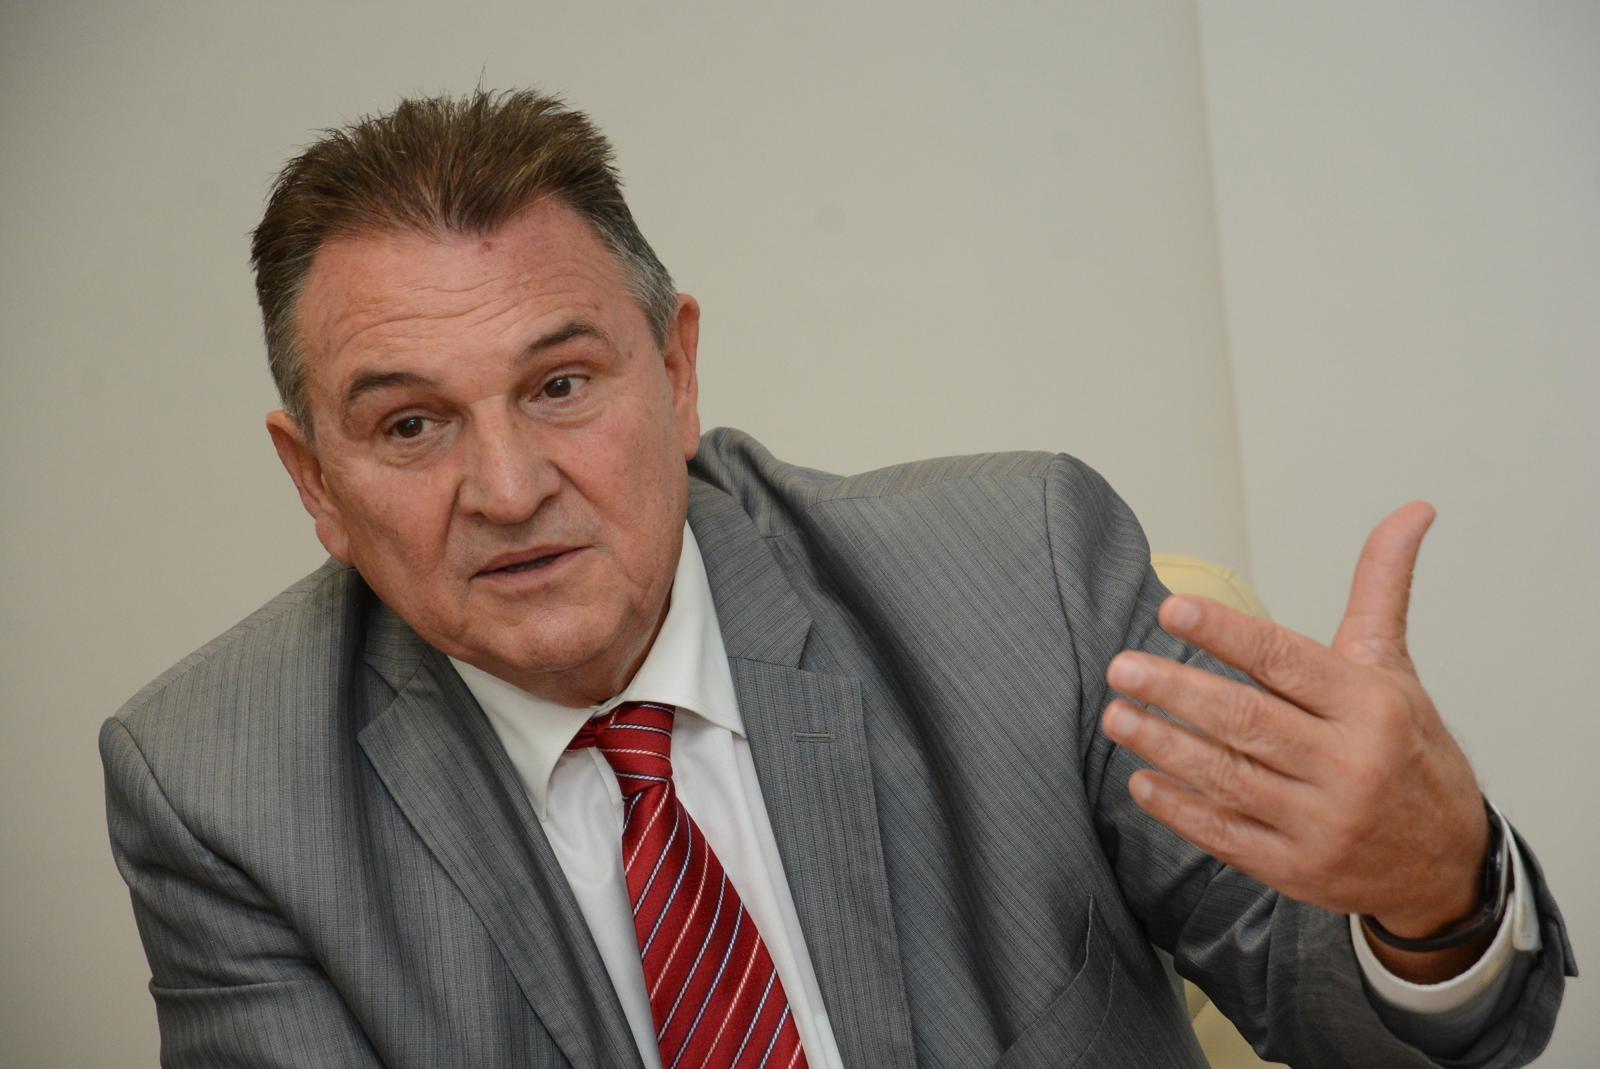 Čačić podržava Milanovićevu moguću kandidaturu za predsjednika